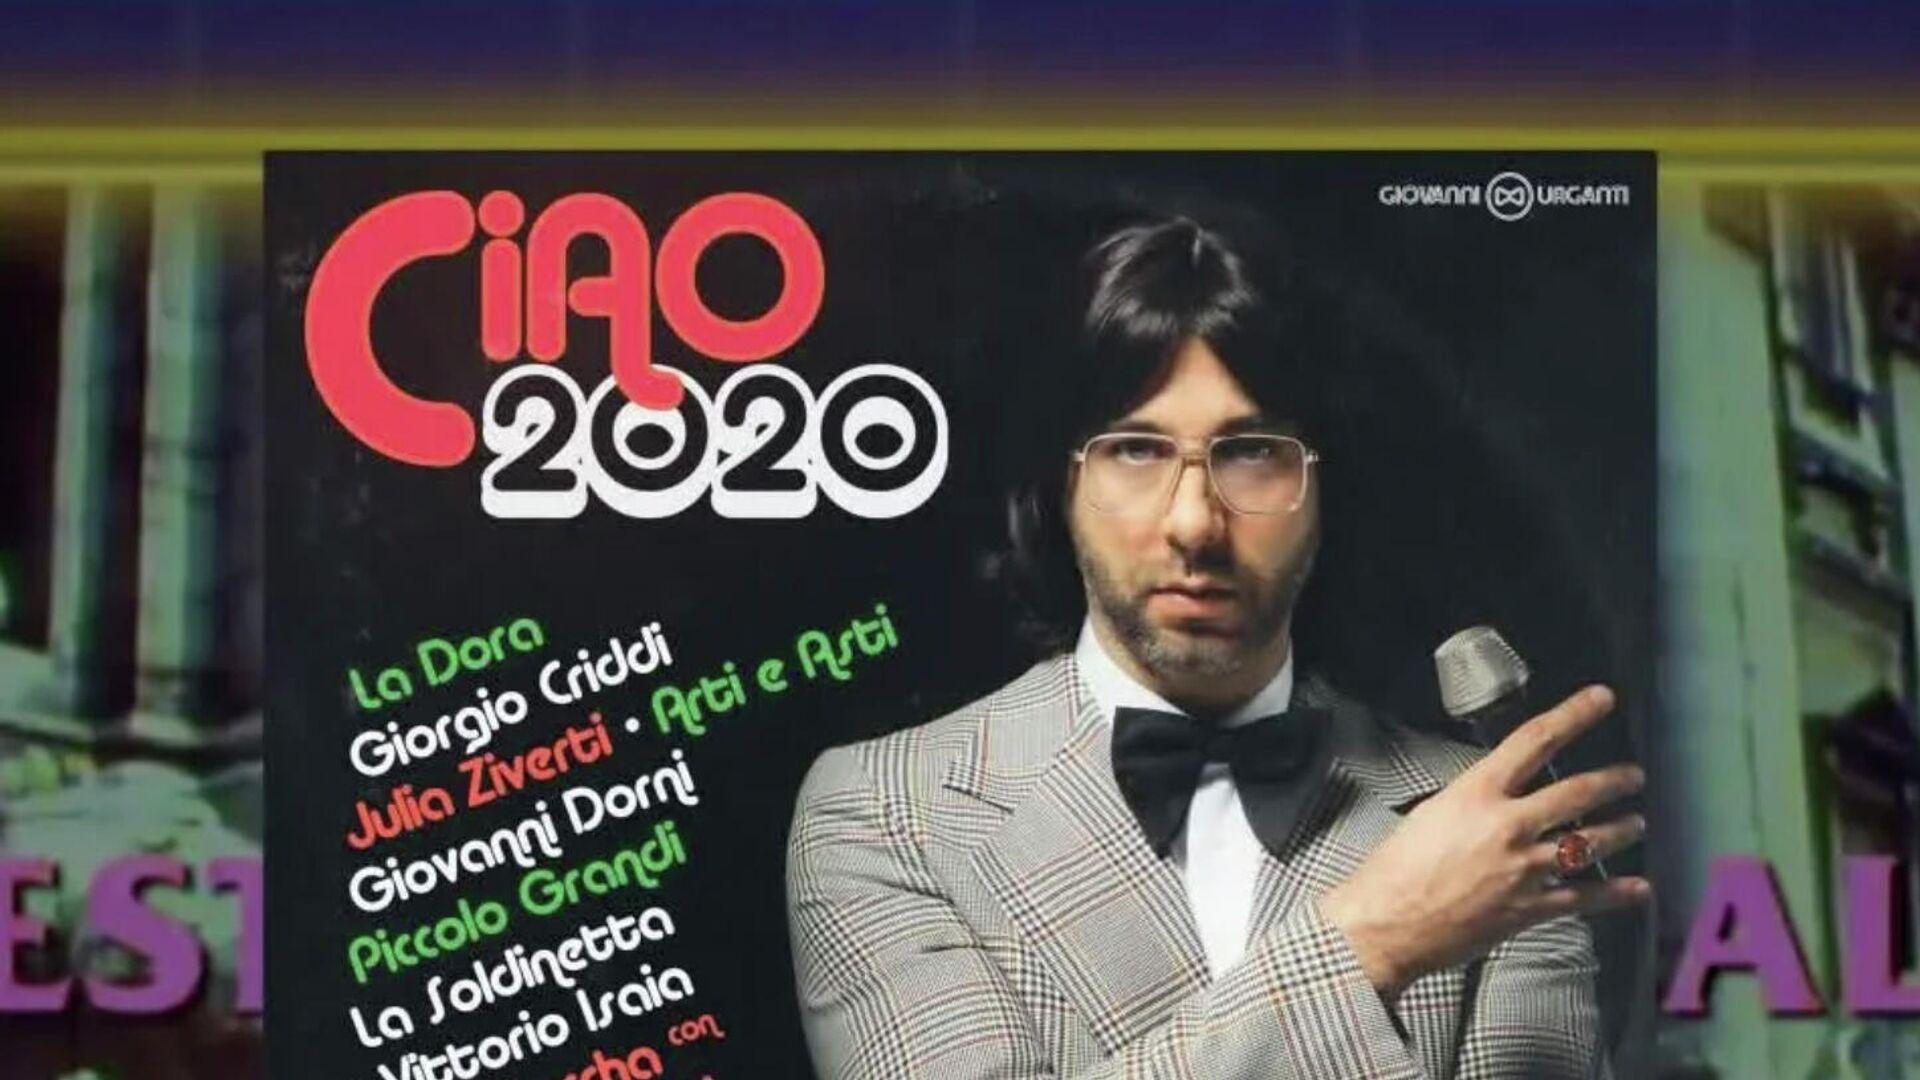 Обложка альбома с треками из специального новогоднего шоу команды Вечернего Урганта CIAO 2020 - РИА Новости, 1920, 26.02.2021